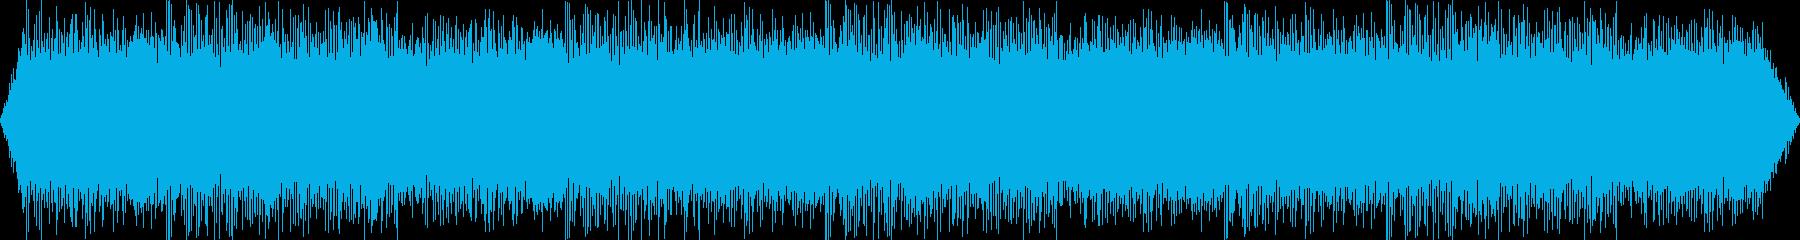 映画フィルムプロジェクター:ランニ...の再生済みの波形